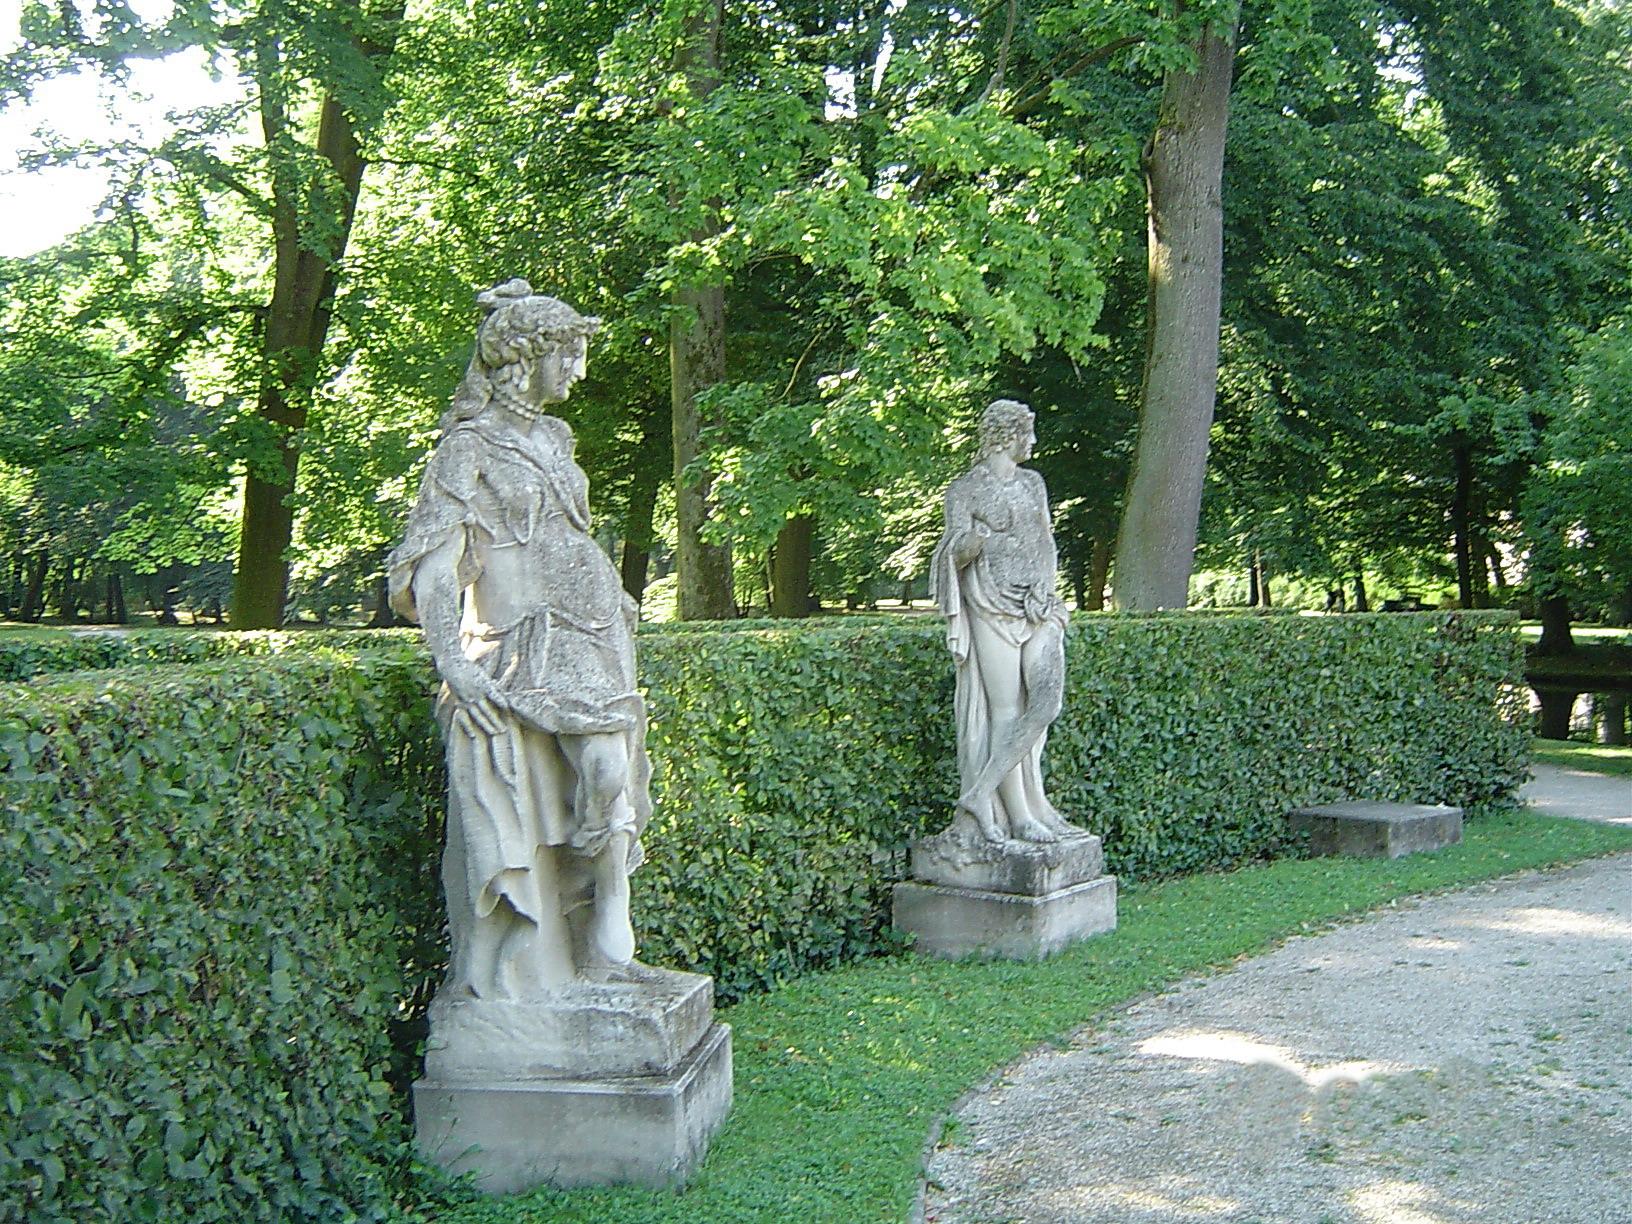 Full Size of Garten Skulpturen Neues Schloss Trampolin Trennwände Schaukel Für Lounge Möbel Wohnen Und Abo Holztisch Wasserbrunnen Loungemöbel Liegestuhl Gewächshaus Garten Garten Skulpturen